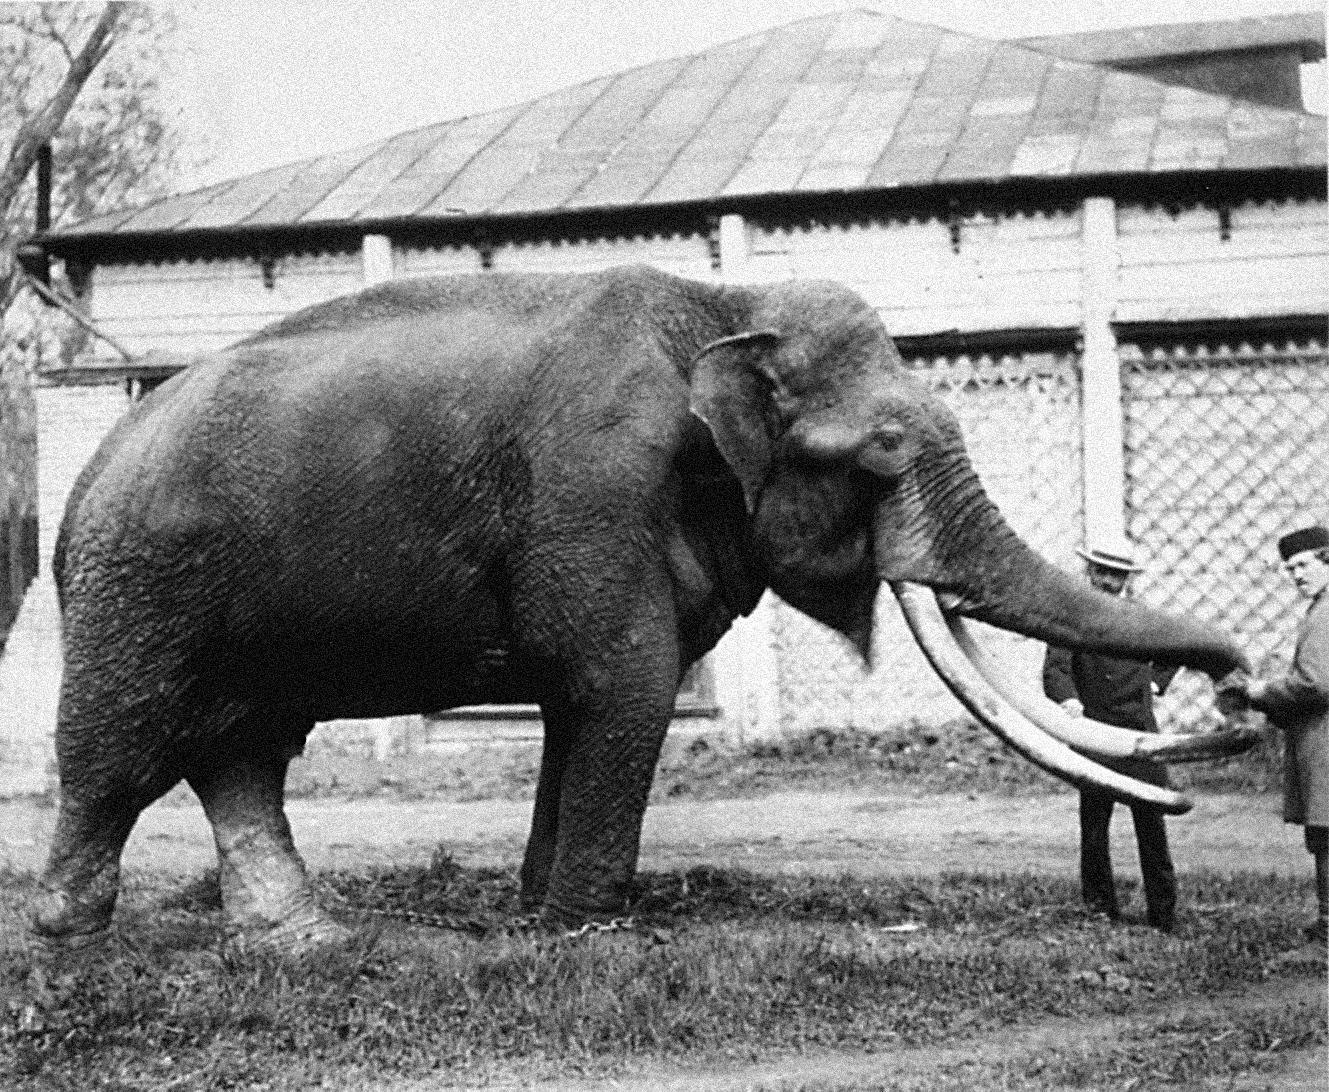 Слон, подаренный императором Александром II, 1870 год. Фото: архив Московского зоопарка. Зоопаркраб